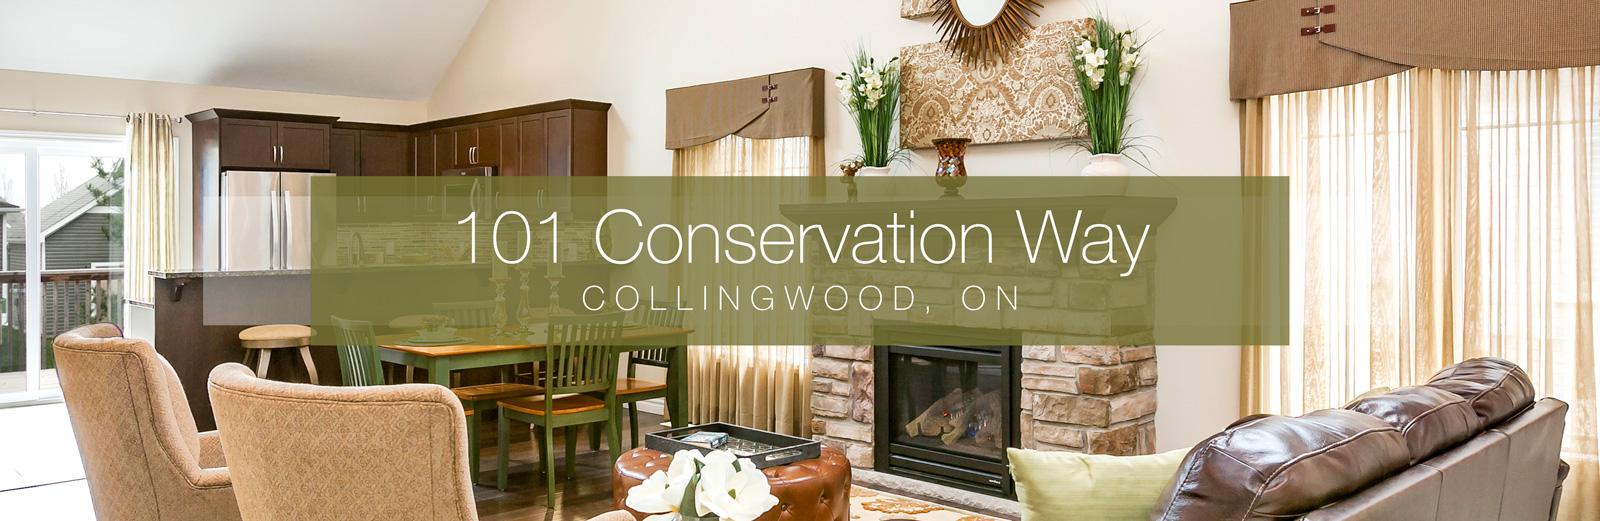 101-Conservation-Way-Collingwood-Header-2018.jpg